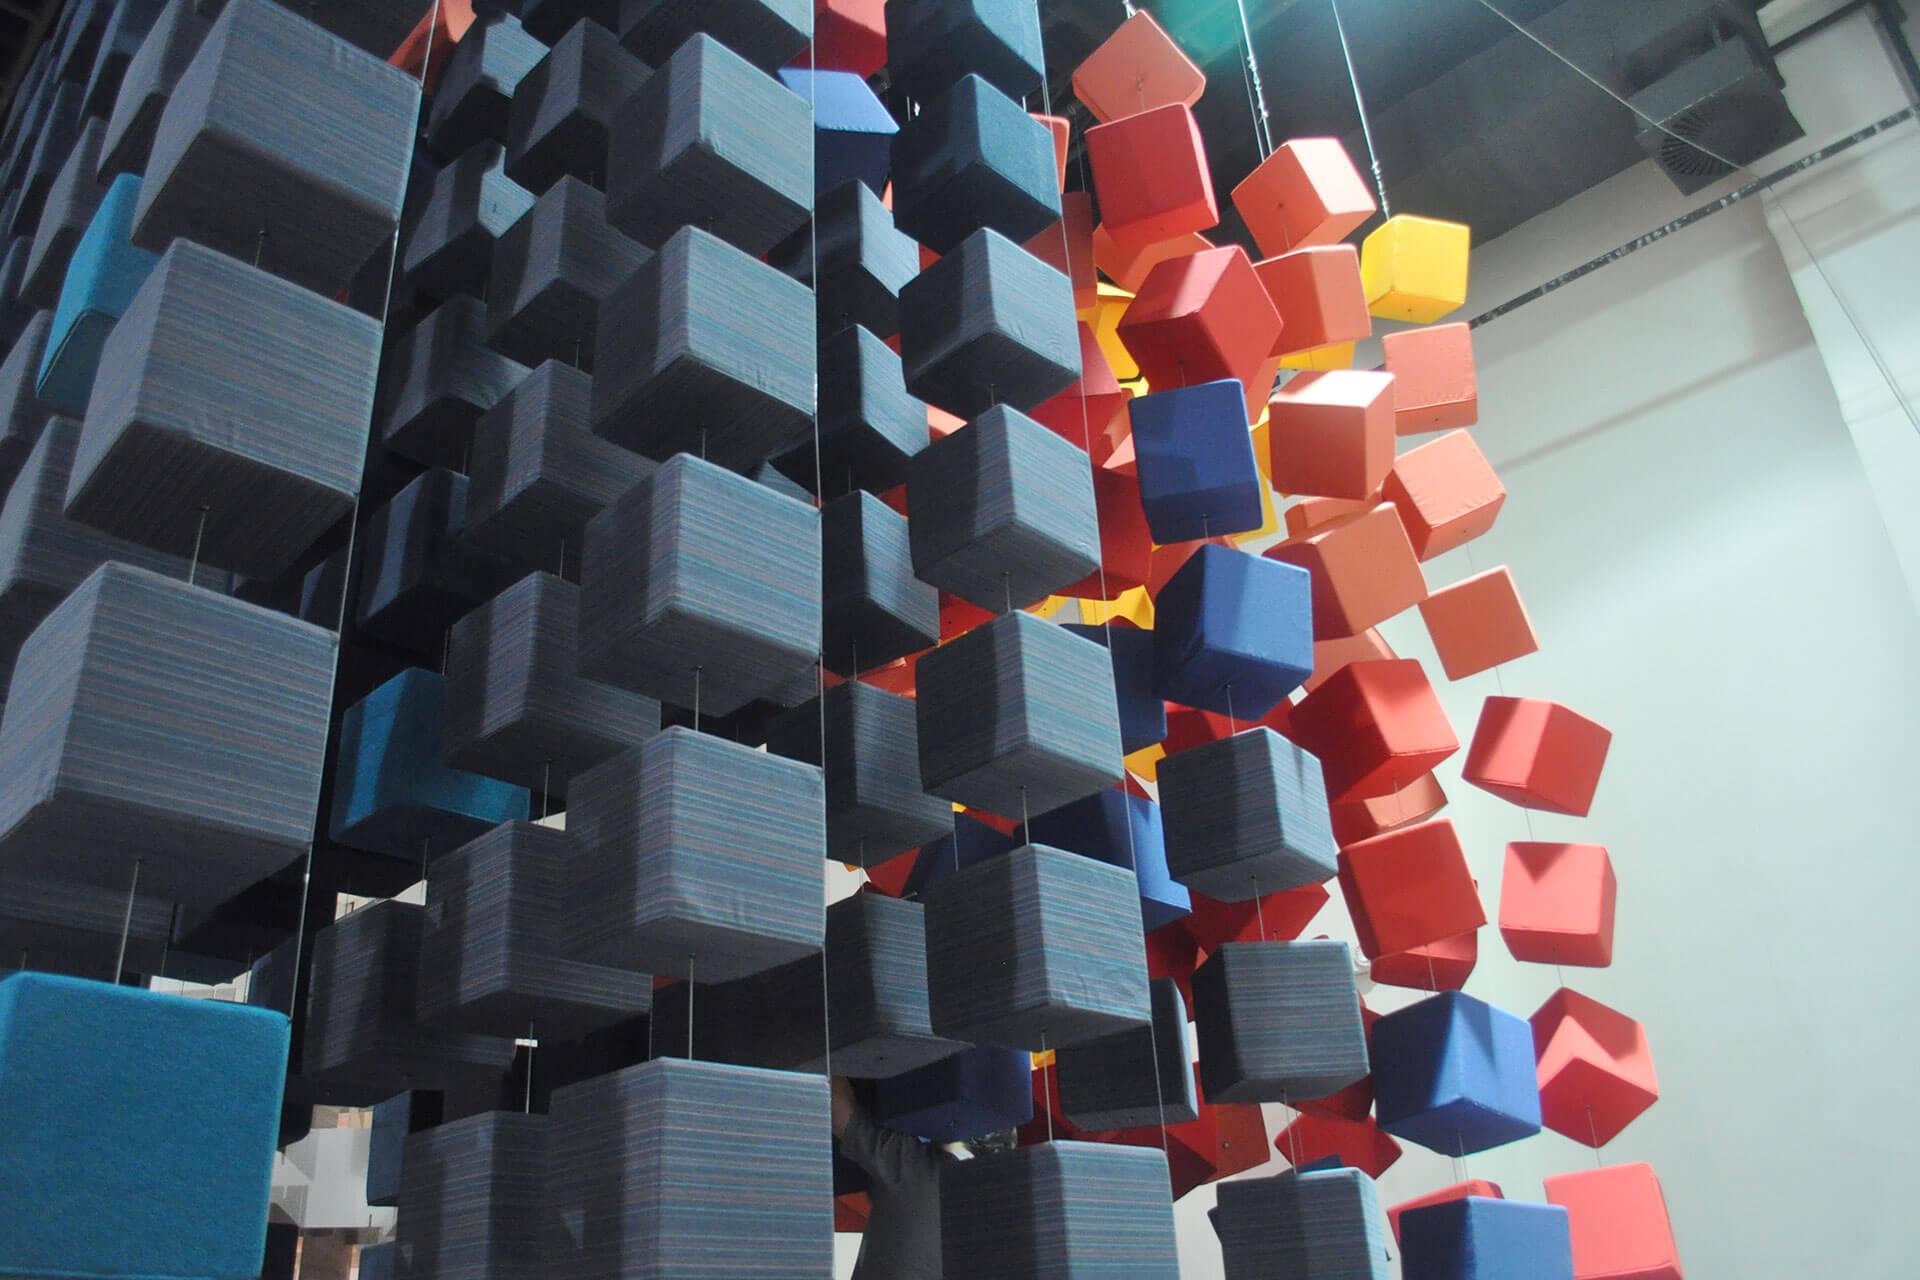 以蓝红双色 Sunbrella 布料制作的立方体,悬浮于新加坡 InDesign 展 Sunbrella Spectrum 艺术装置上方。